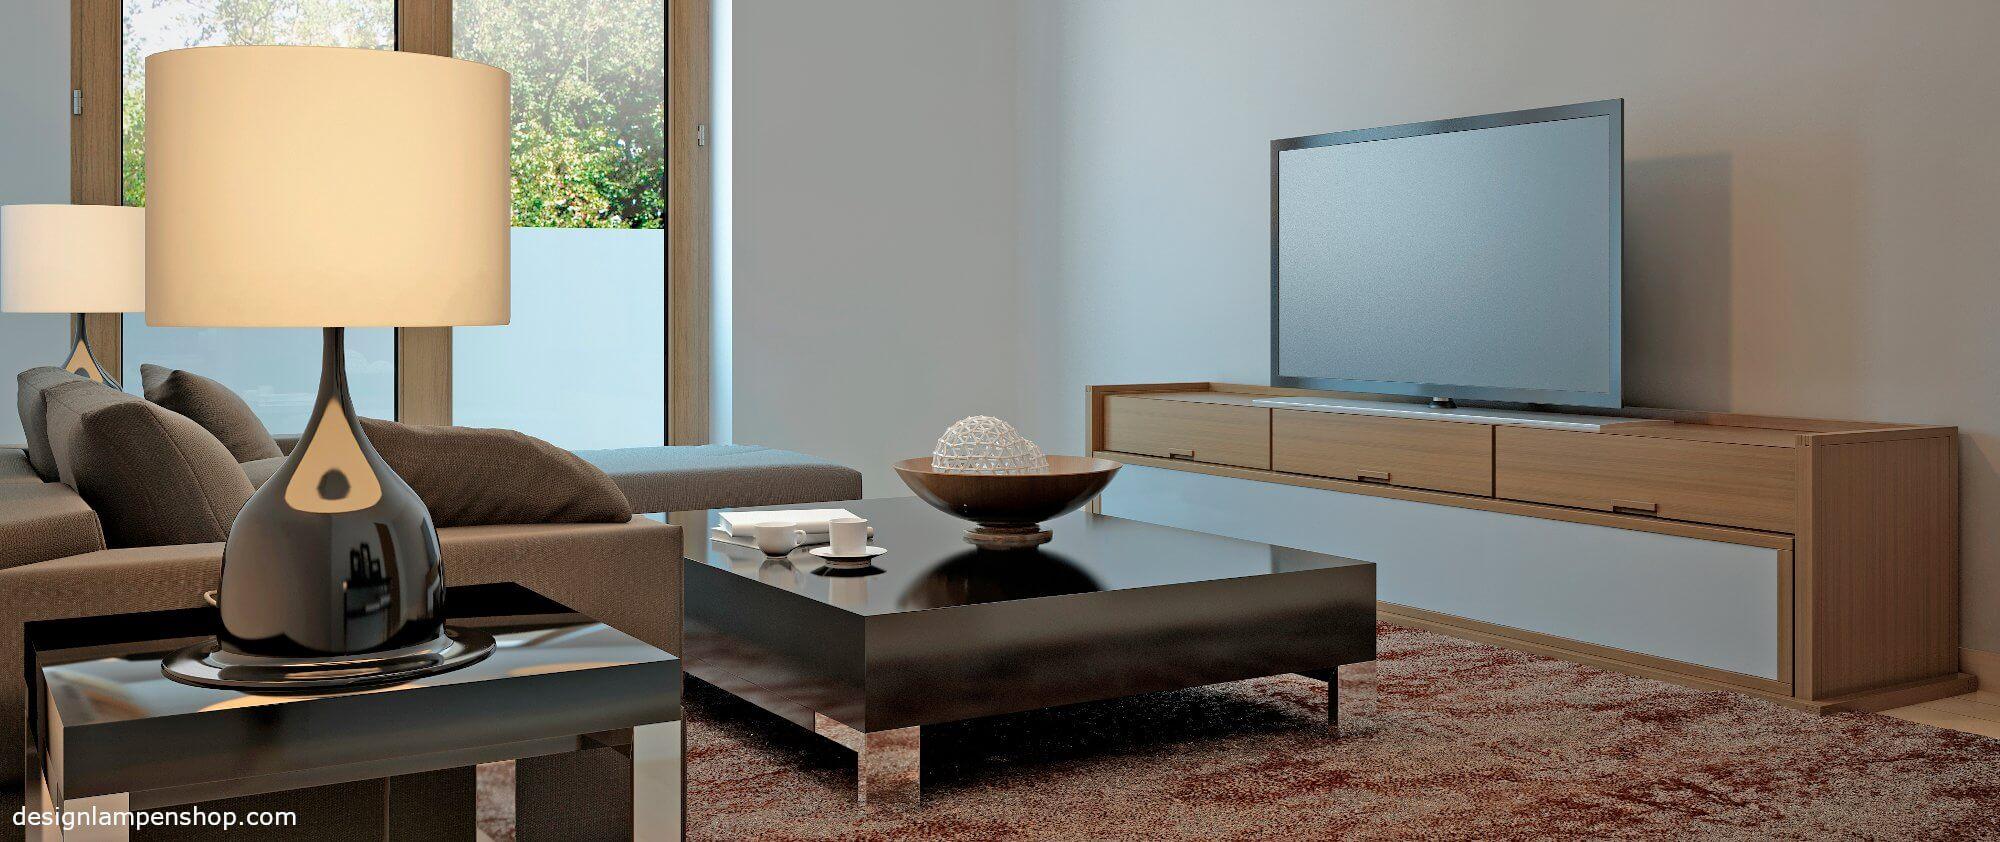 Tischleuchte in modernem Wohnzimmer